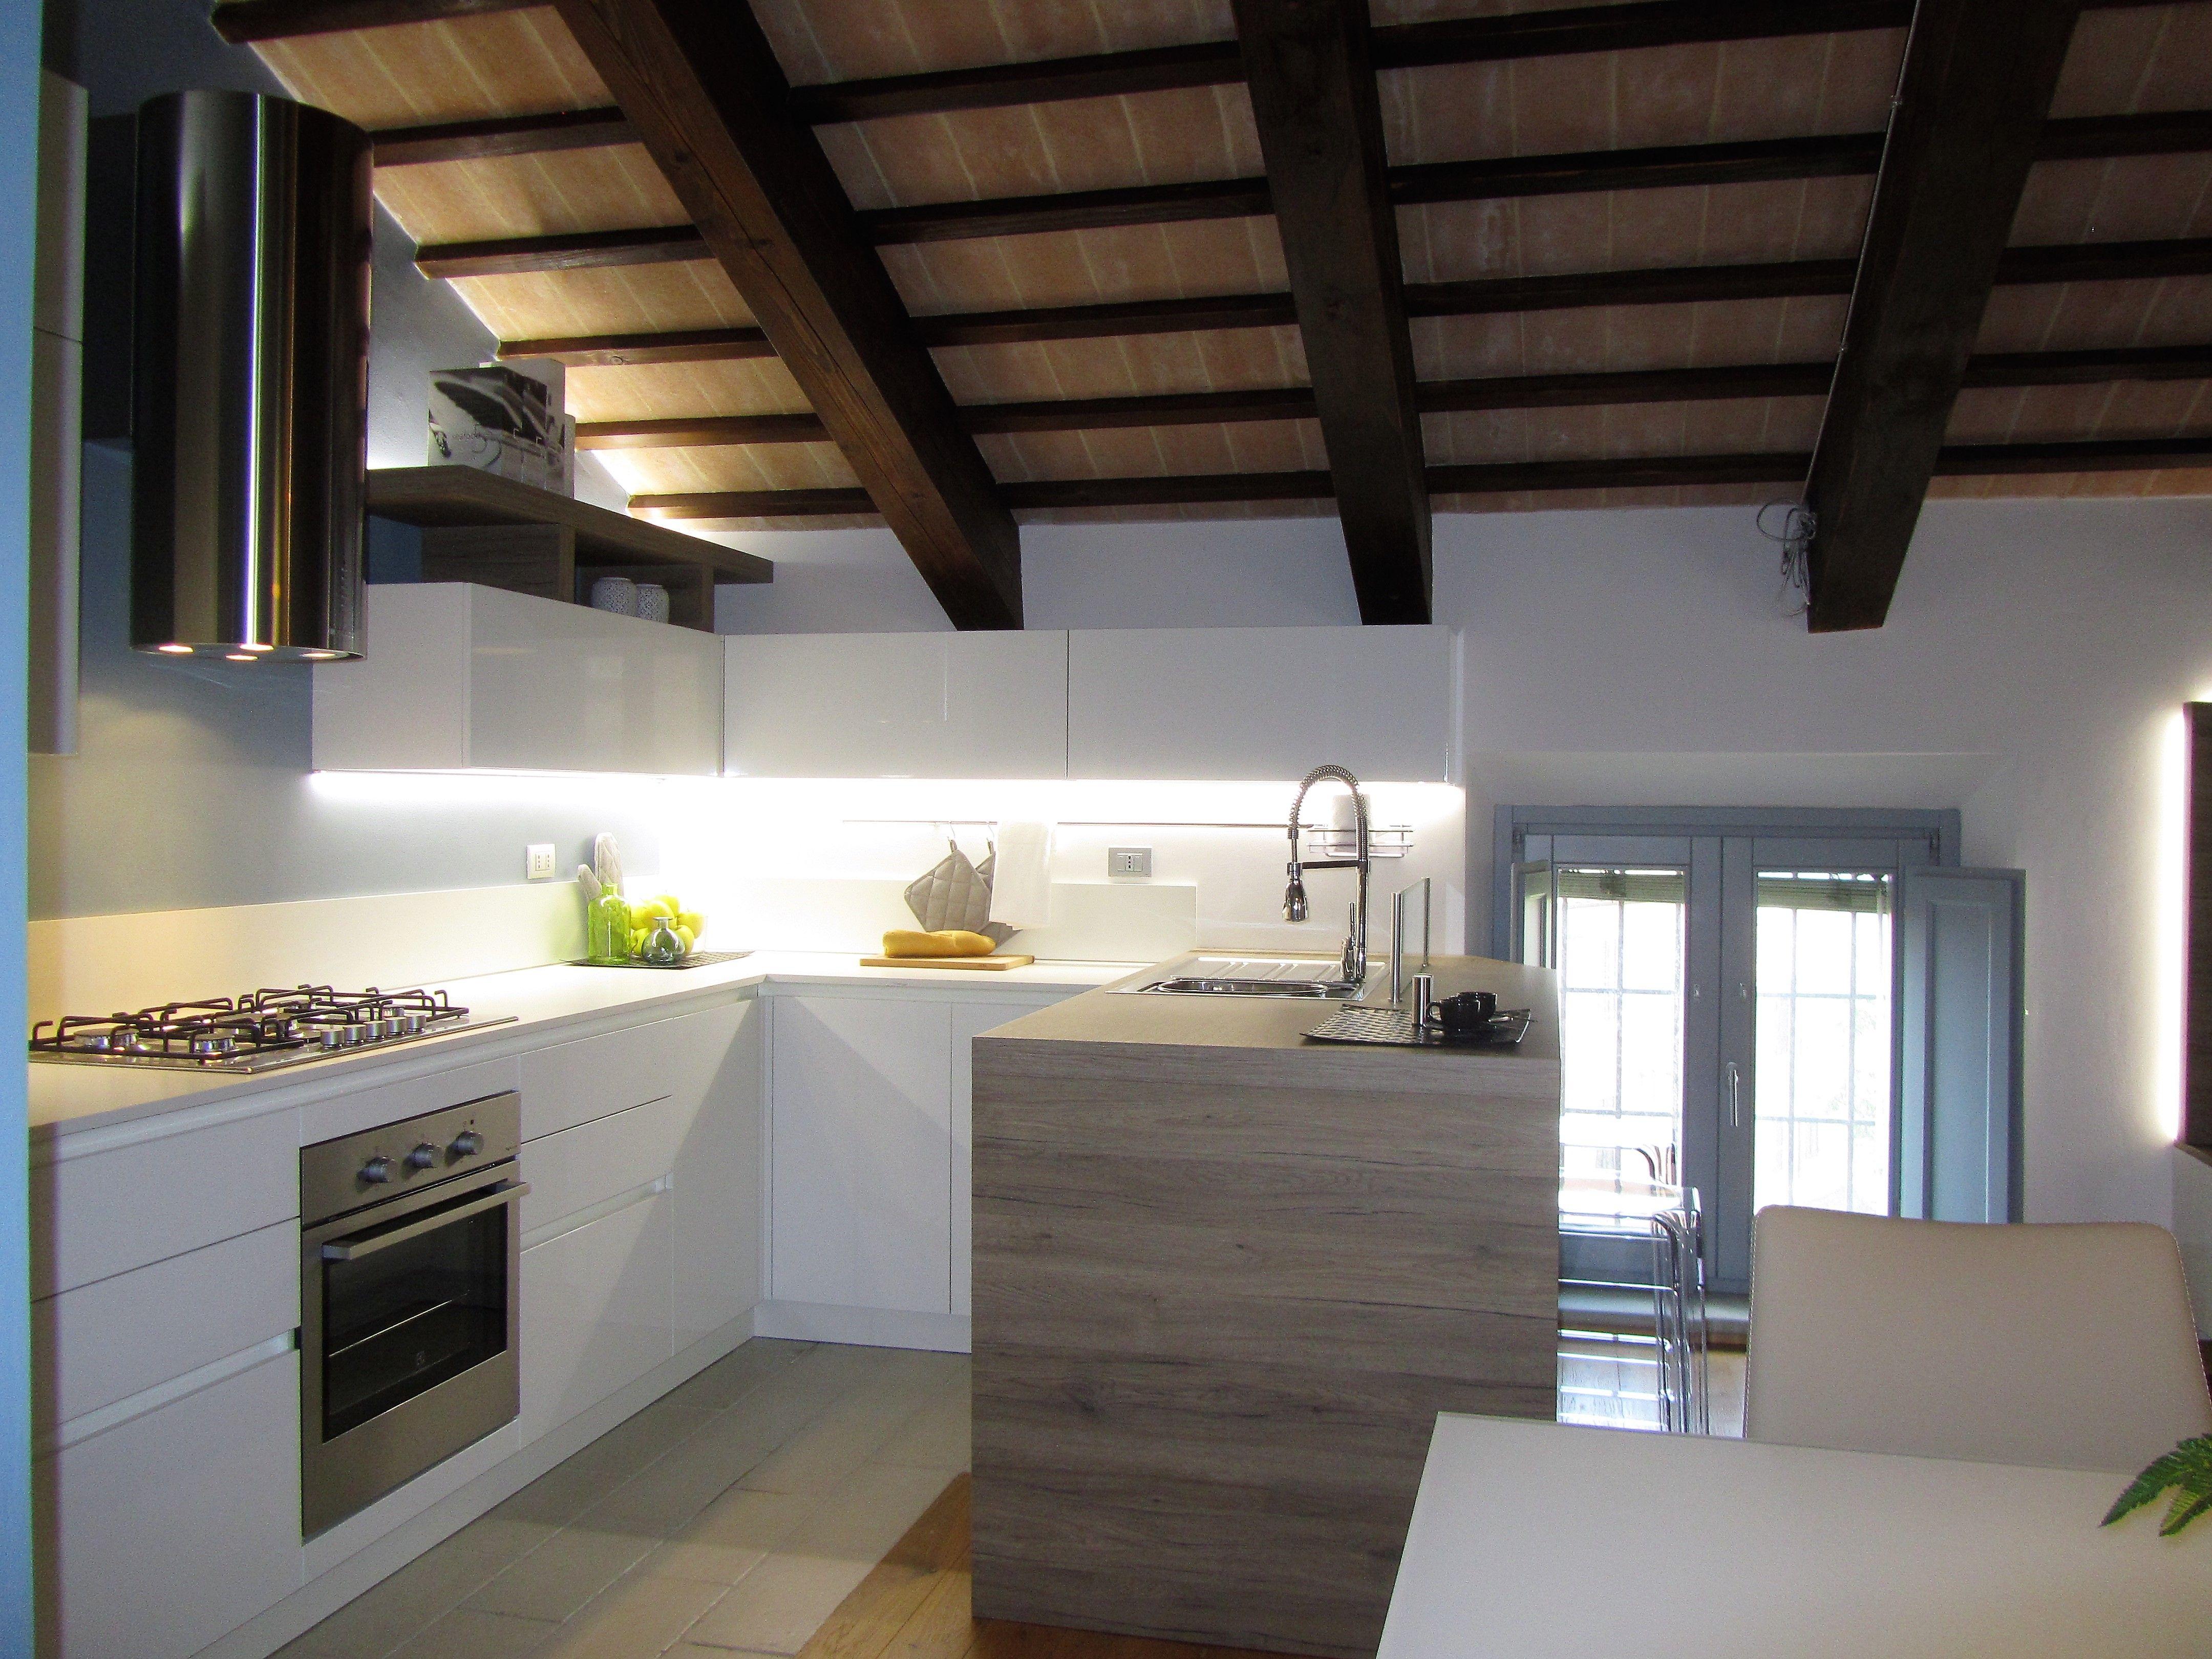 Cucina laccata bianca lucida penisola con piano e fianco a